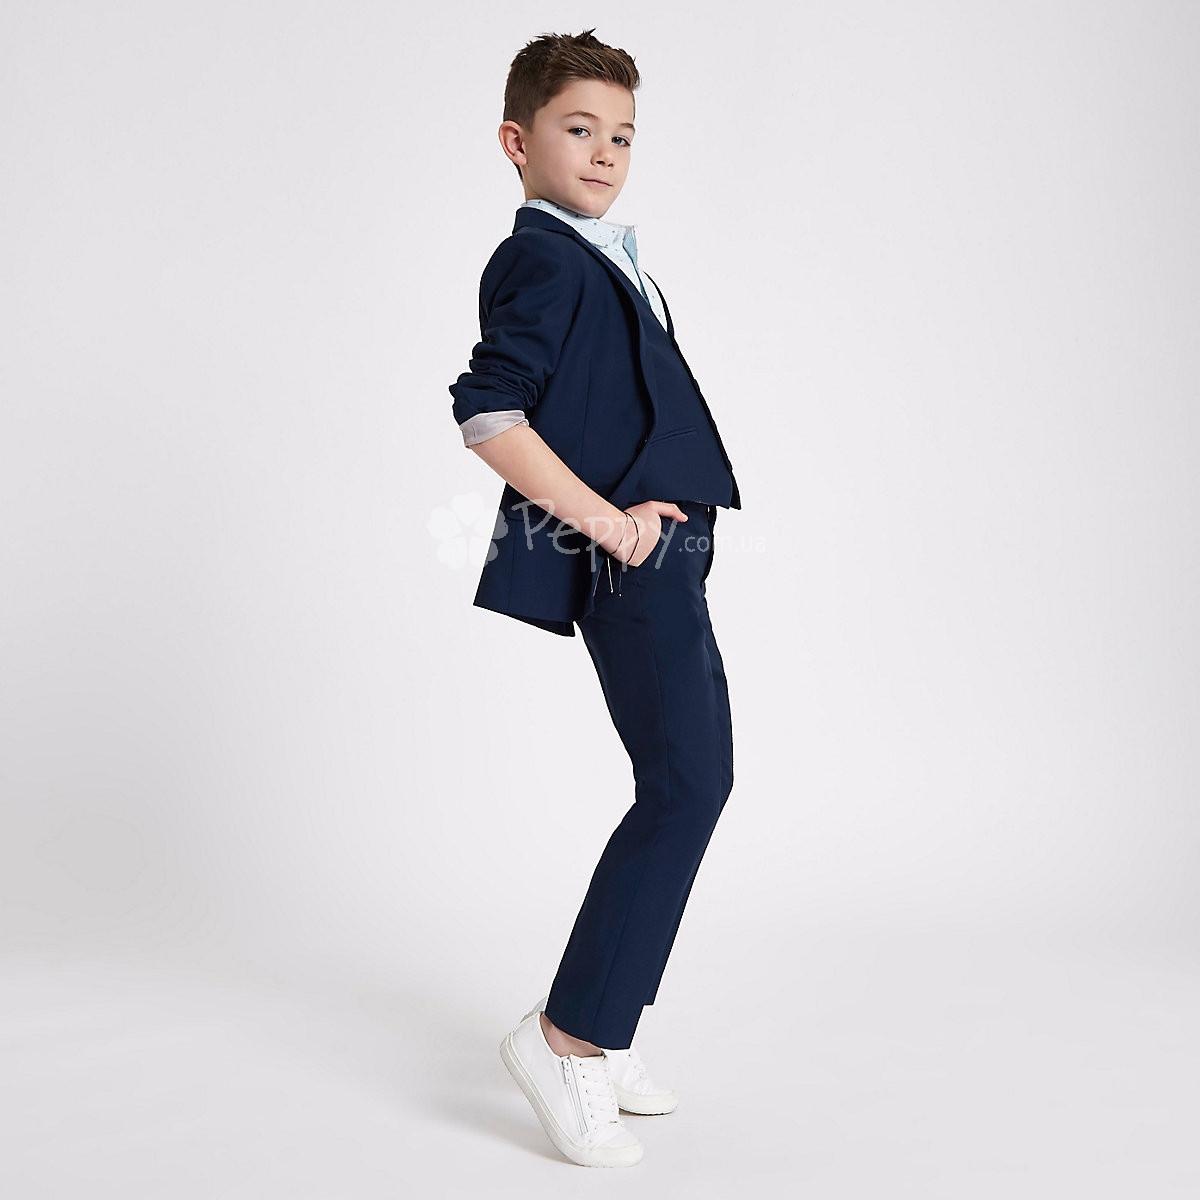 ... Дитячий святковий костюм Boboli для хлопчика 309bab1c81211